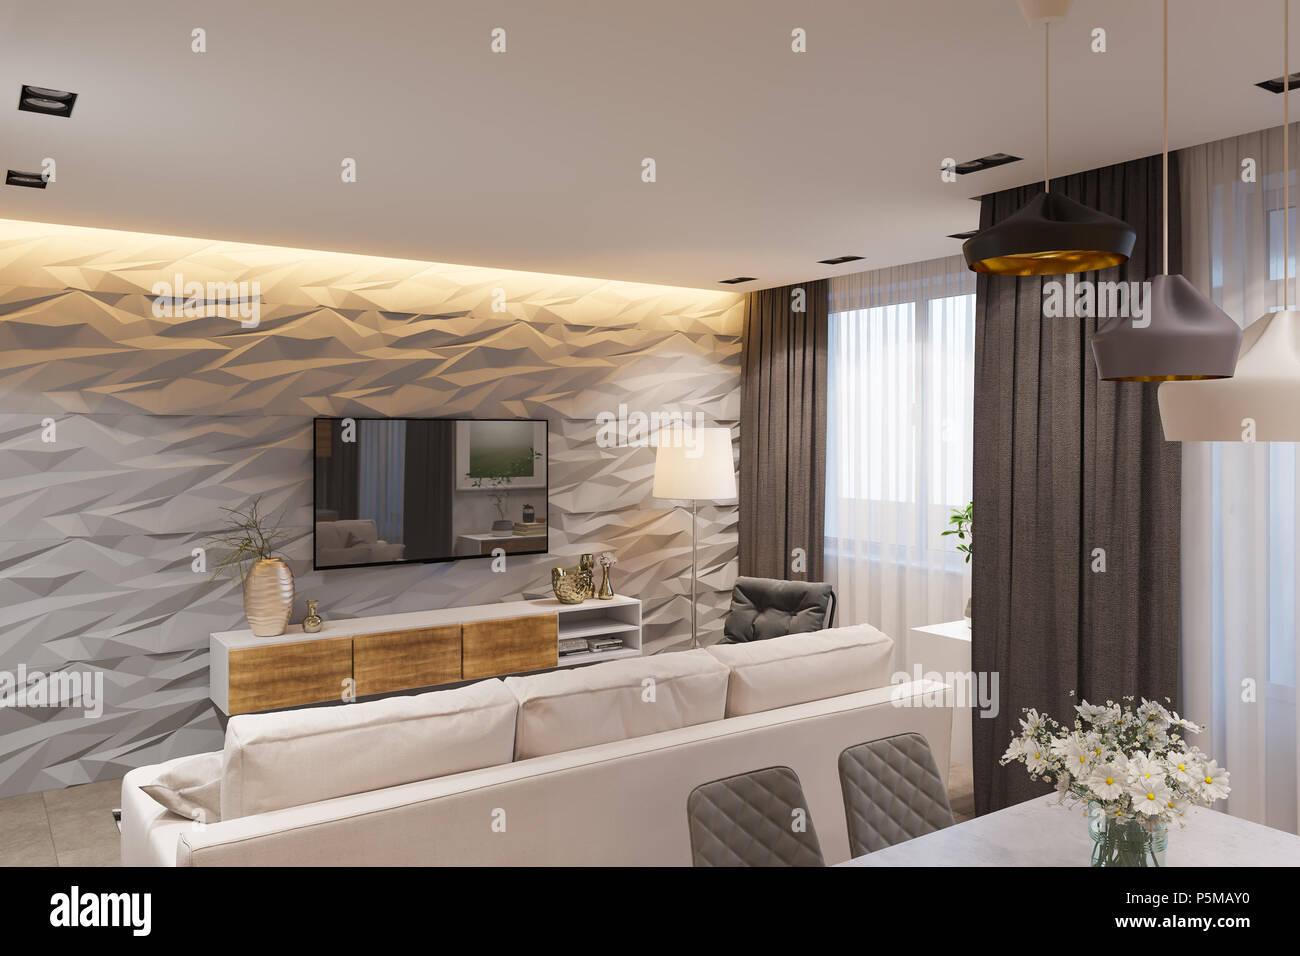 Interior design in stile scandinavo, soggiorno e cucina. 3d ...